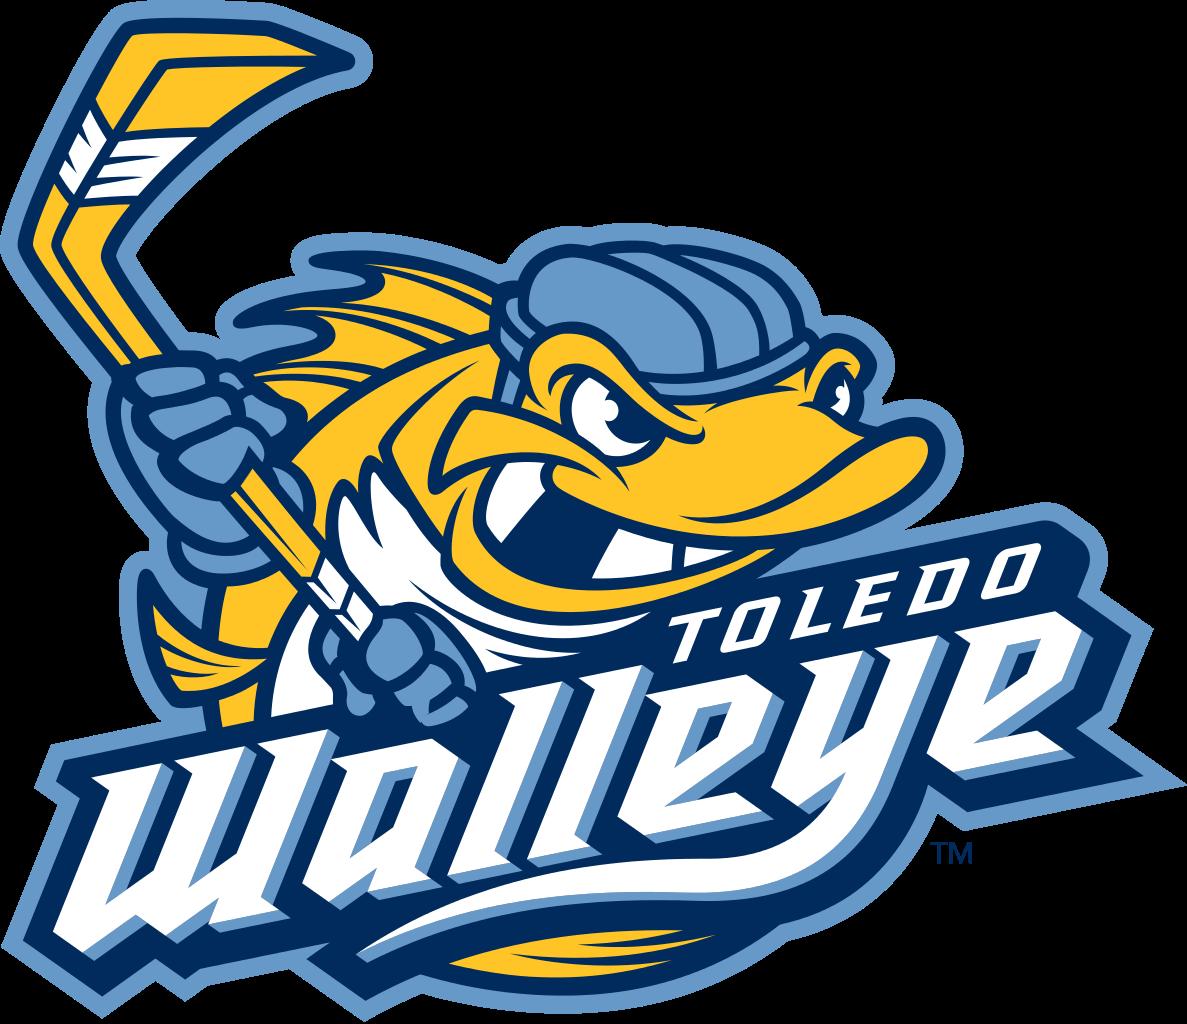 walleye.logo